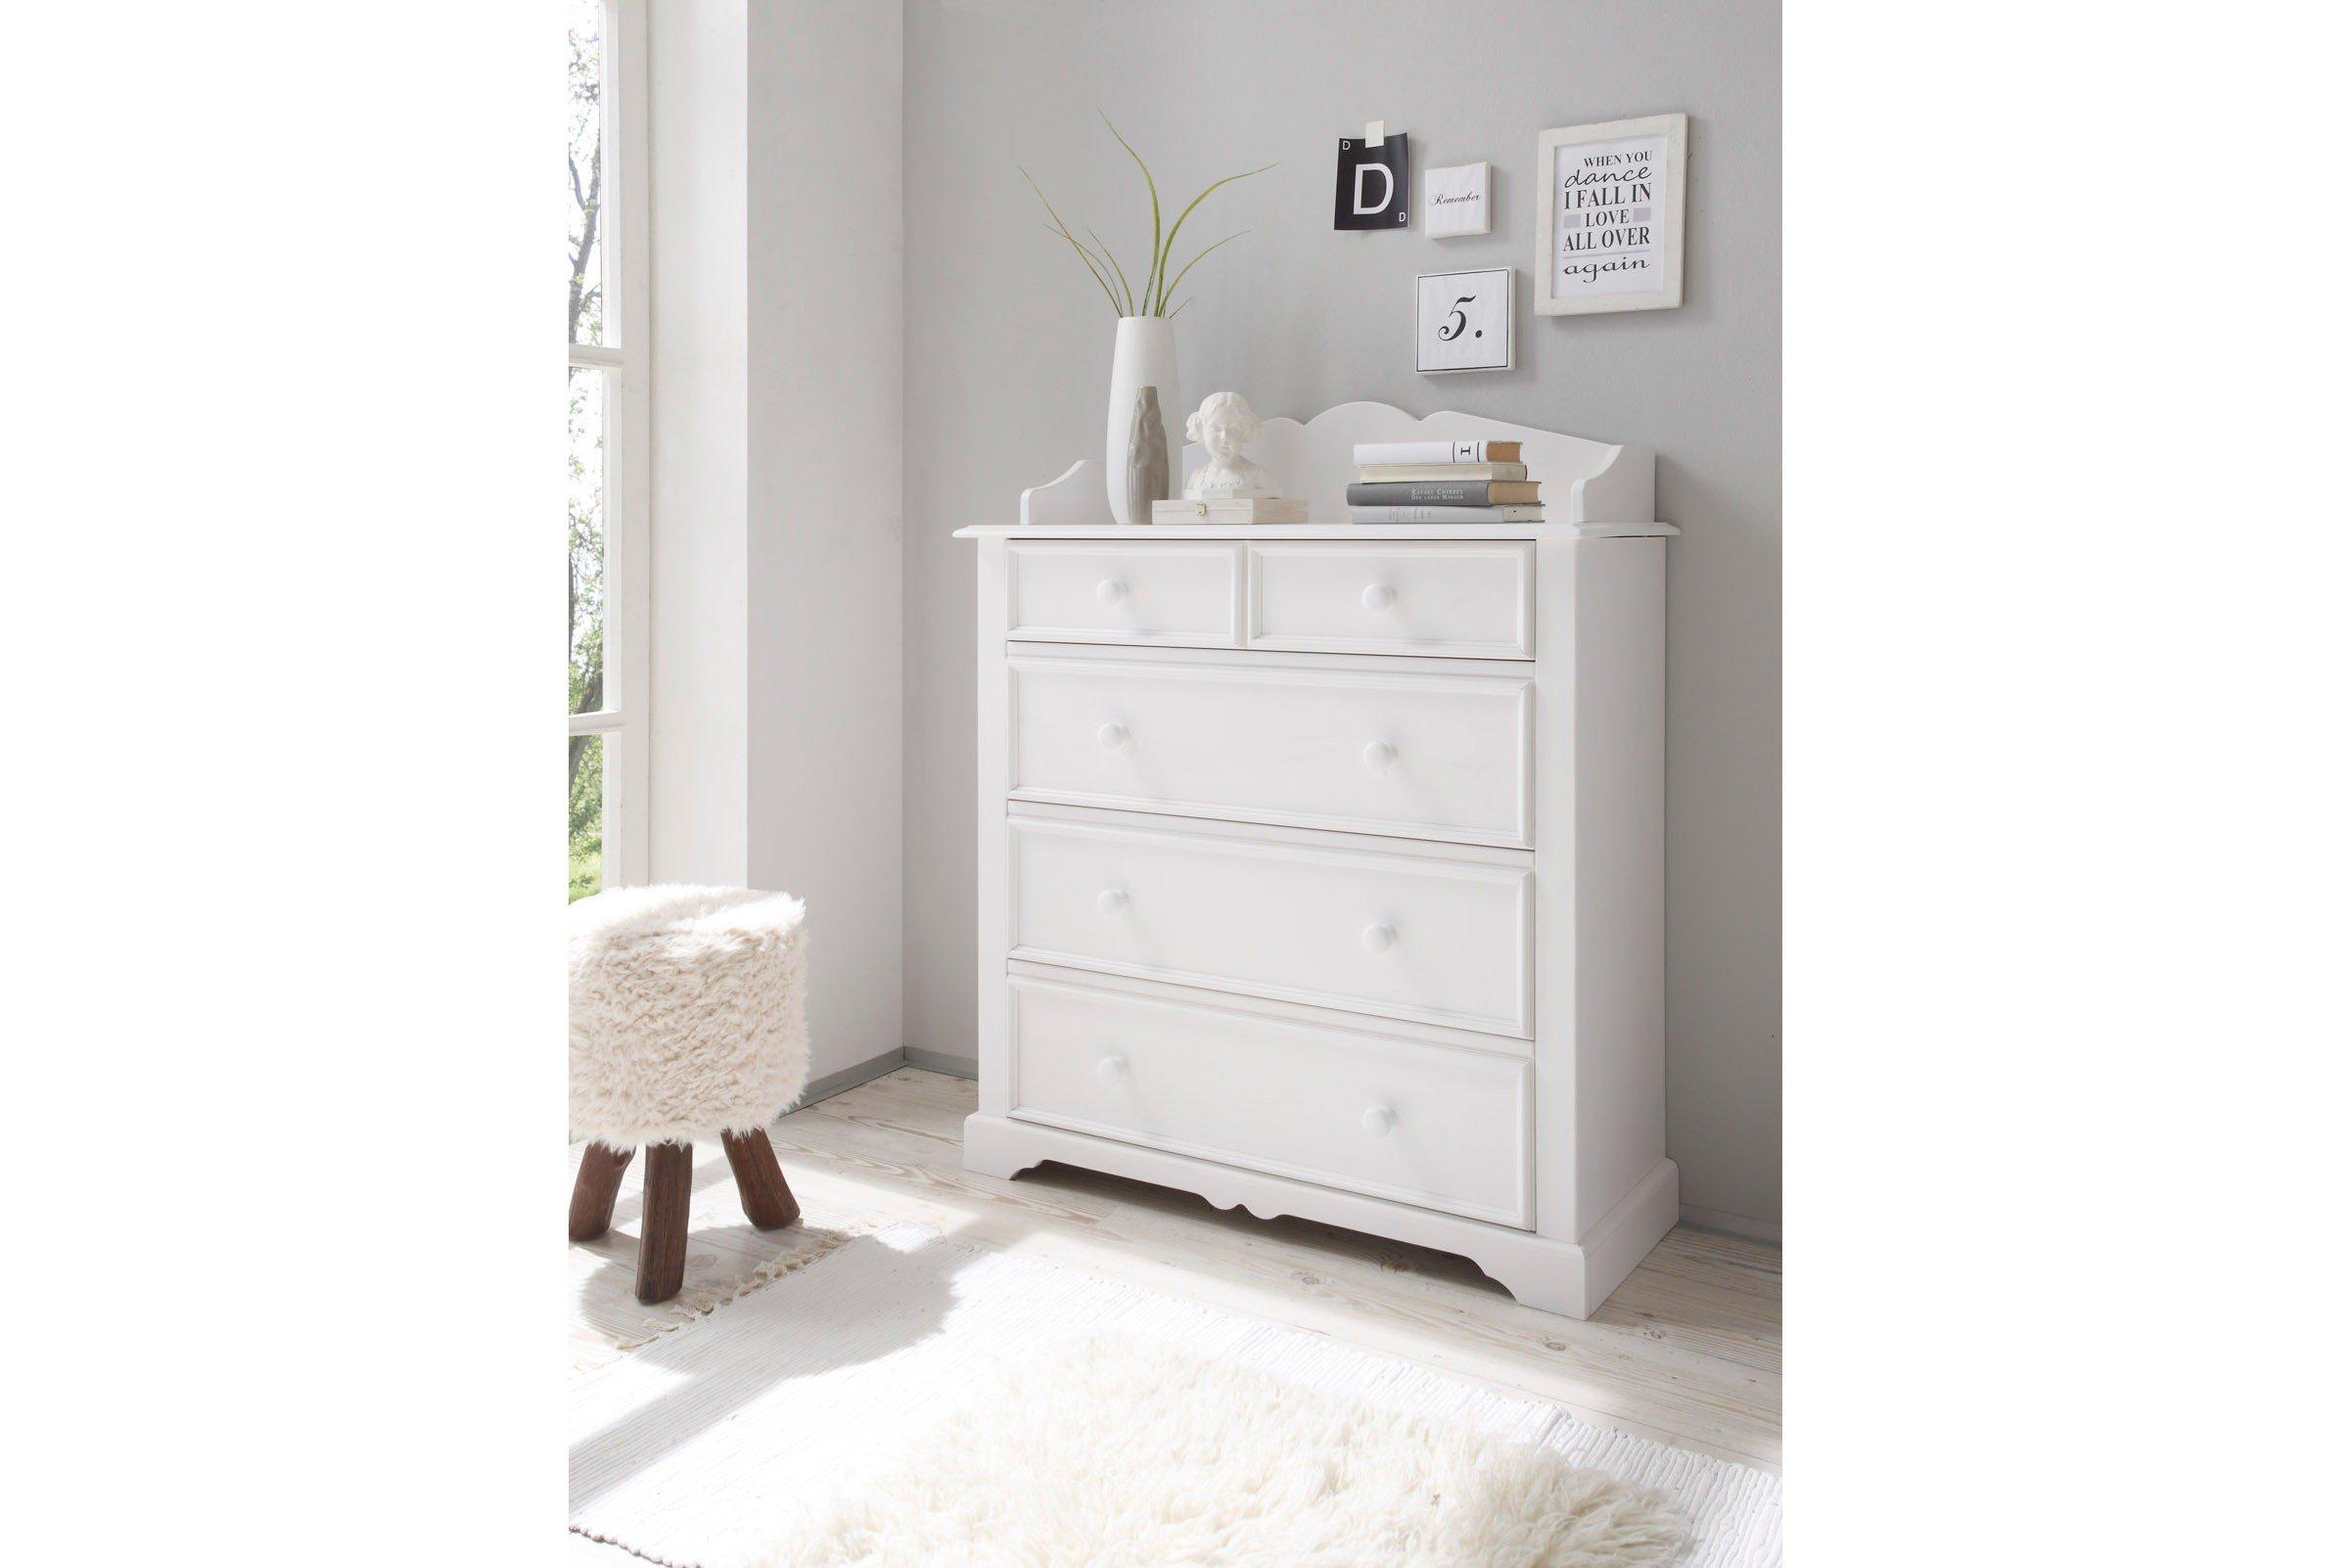 Schlafkontor kommode cinderella landhaus modern m bel letz ihr online shop - Cinderella schlafzimmer ...